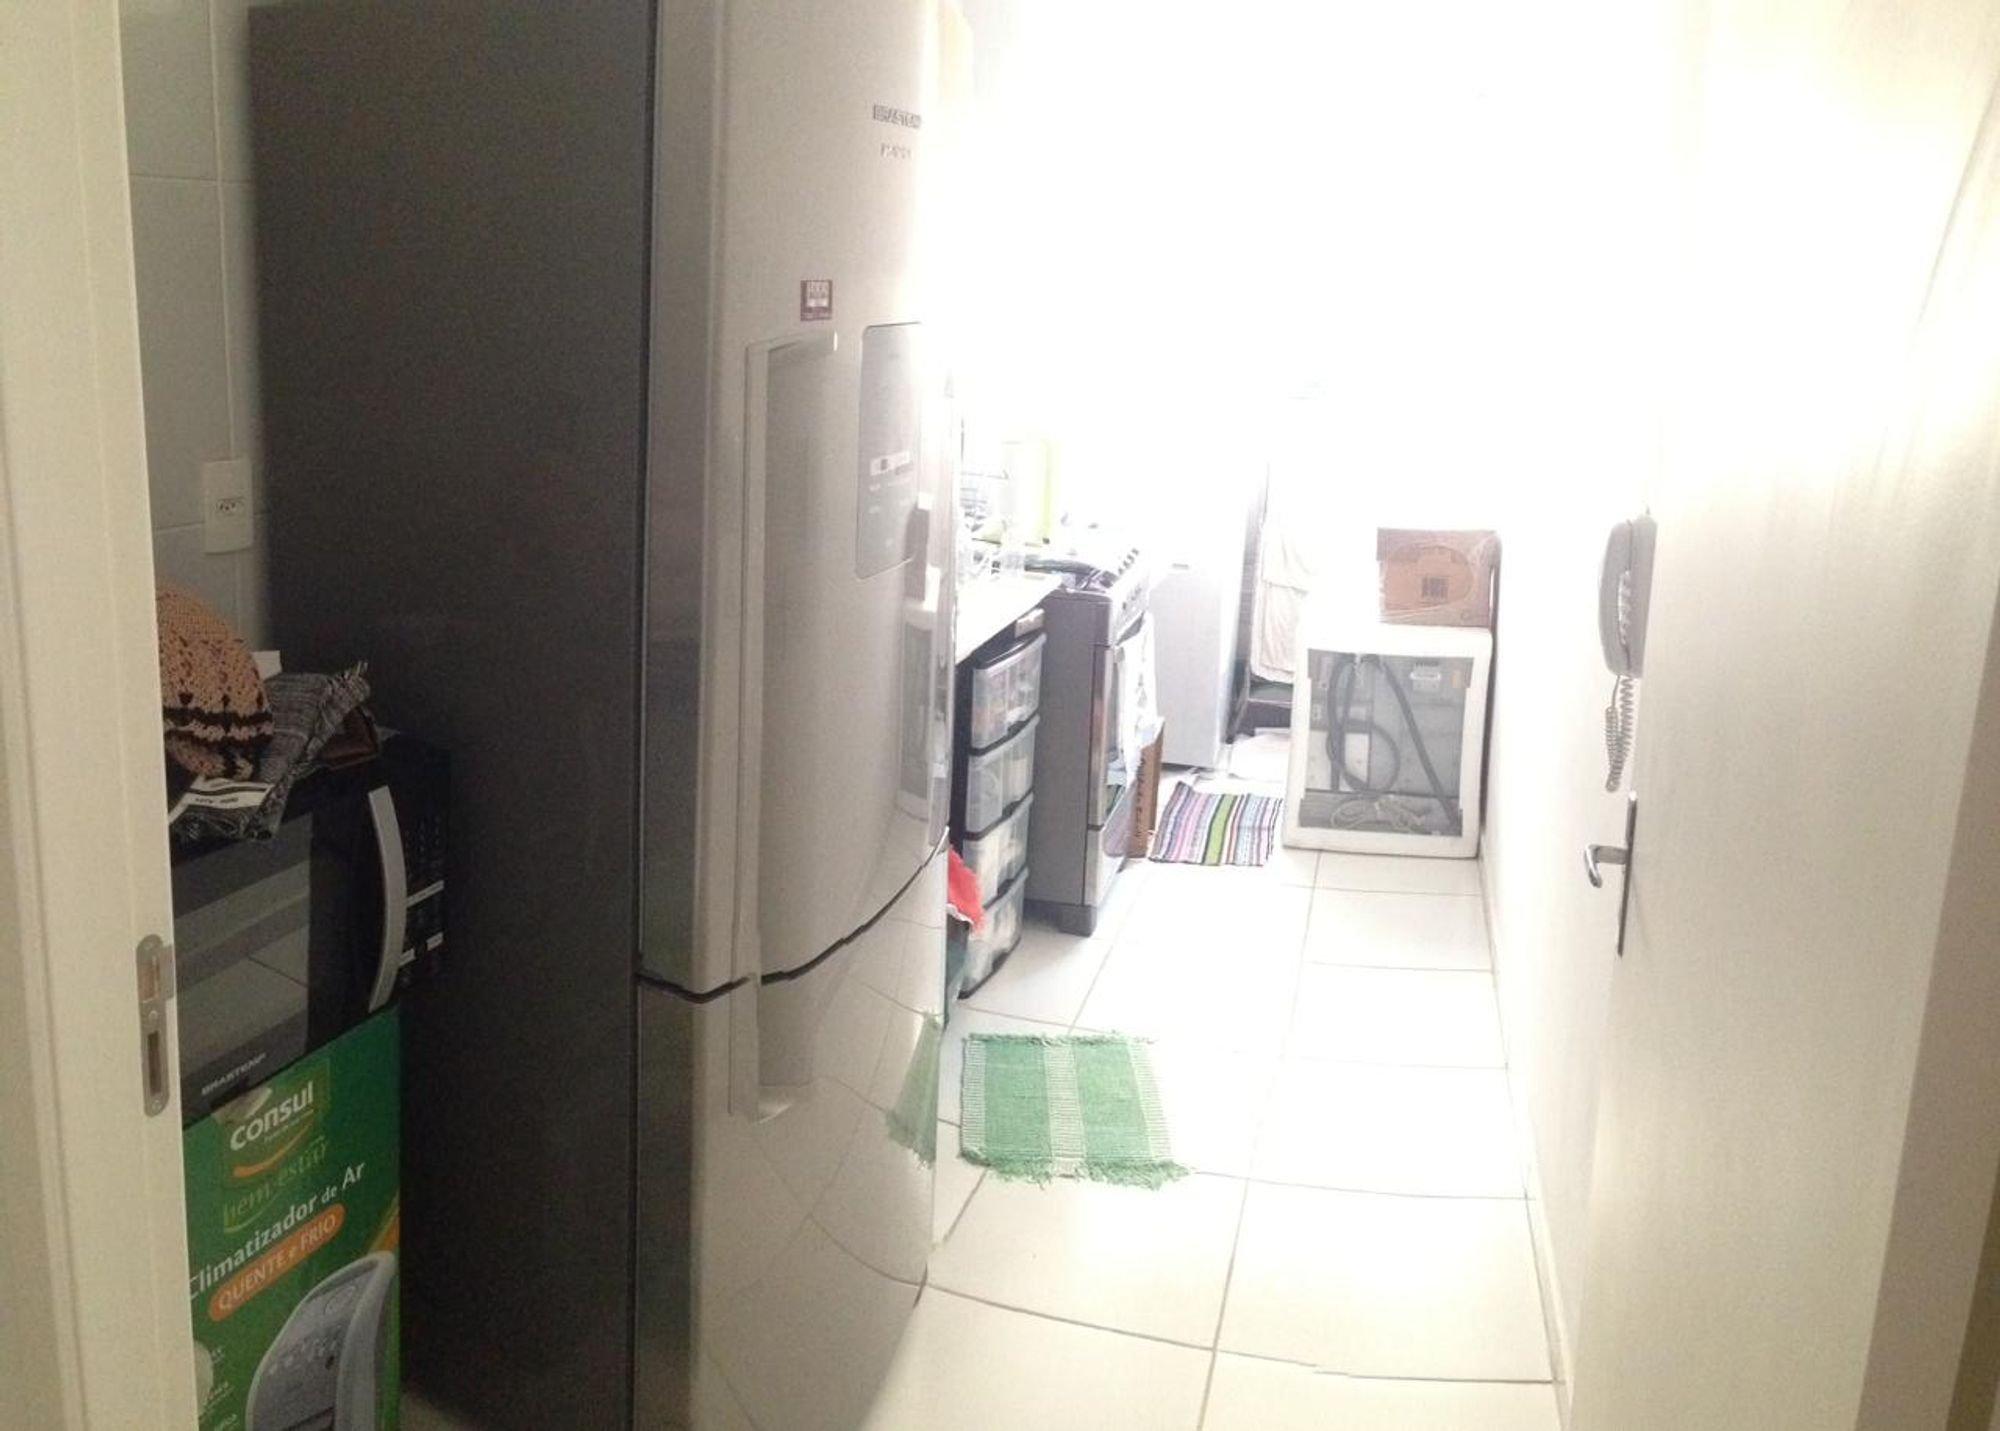 Foto de Lavanderia com geladeira